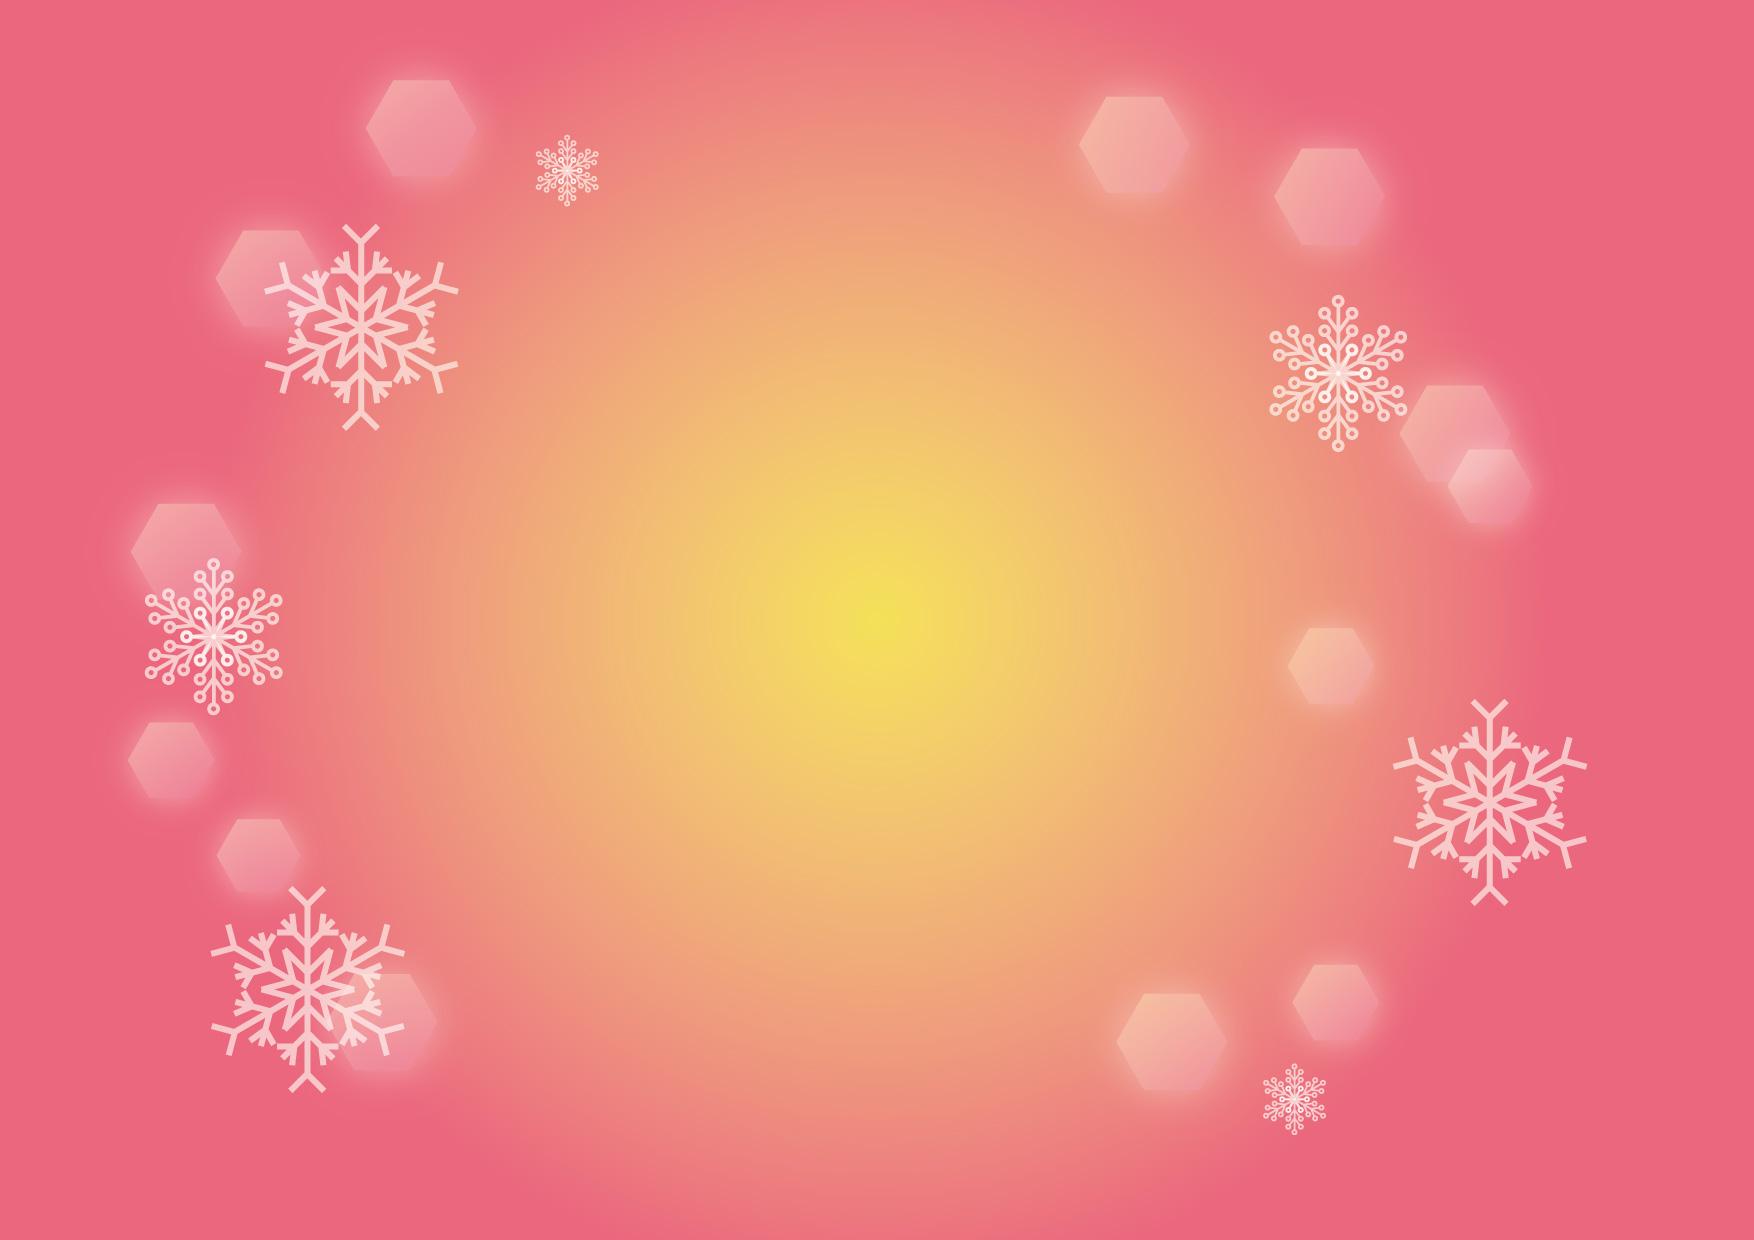 可愛いイラスト|雪の結晶 背景 ピンク − free illustration Snowflakes background pink